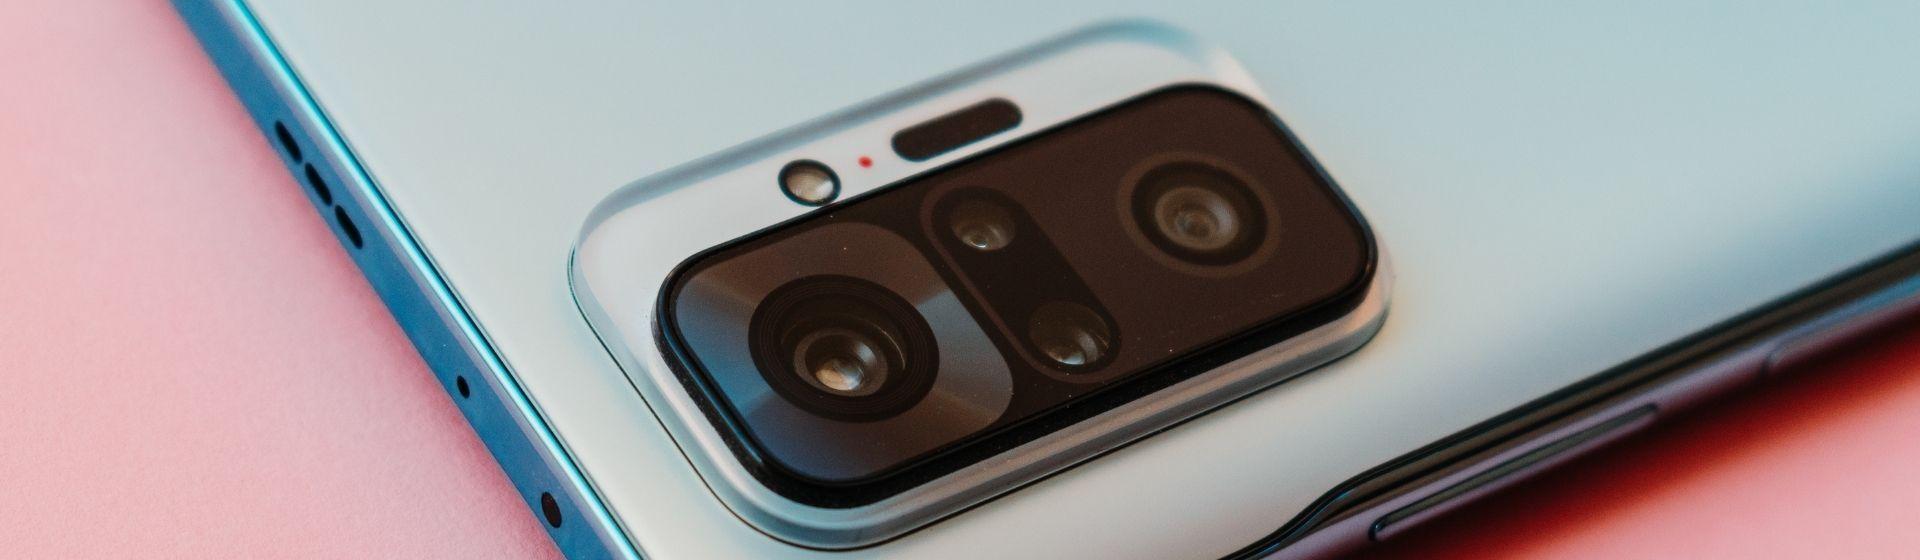 Câmeras de celular: para que serve cada lente do smartphone?